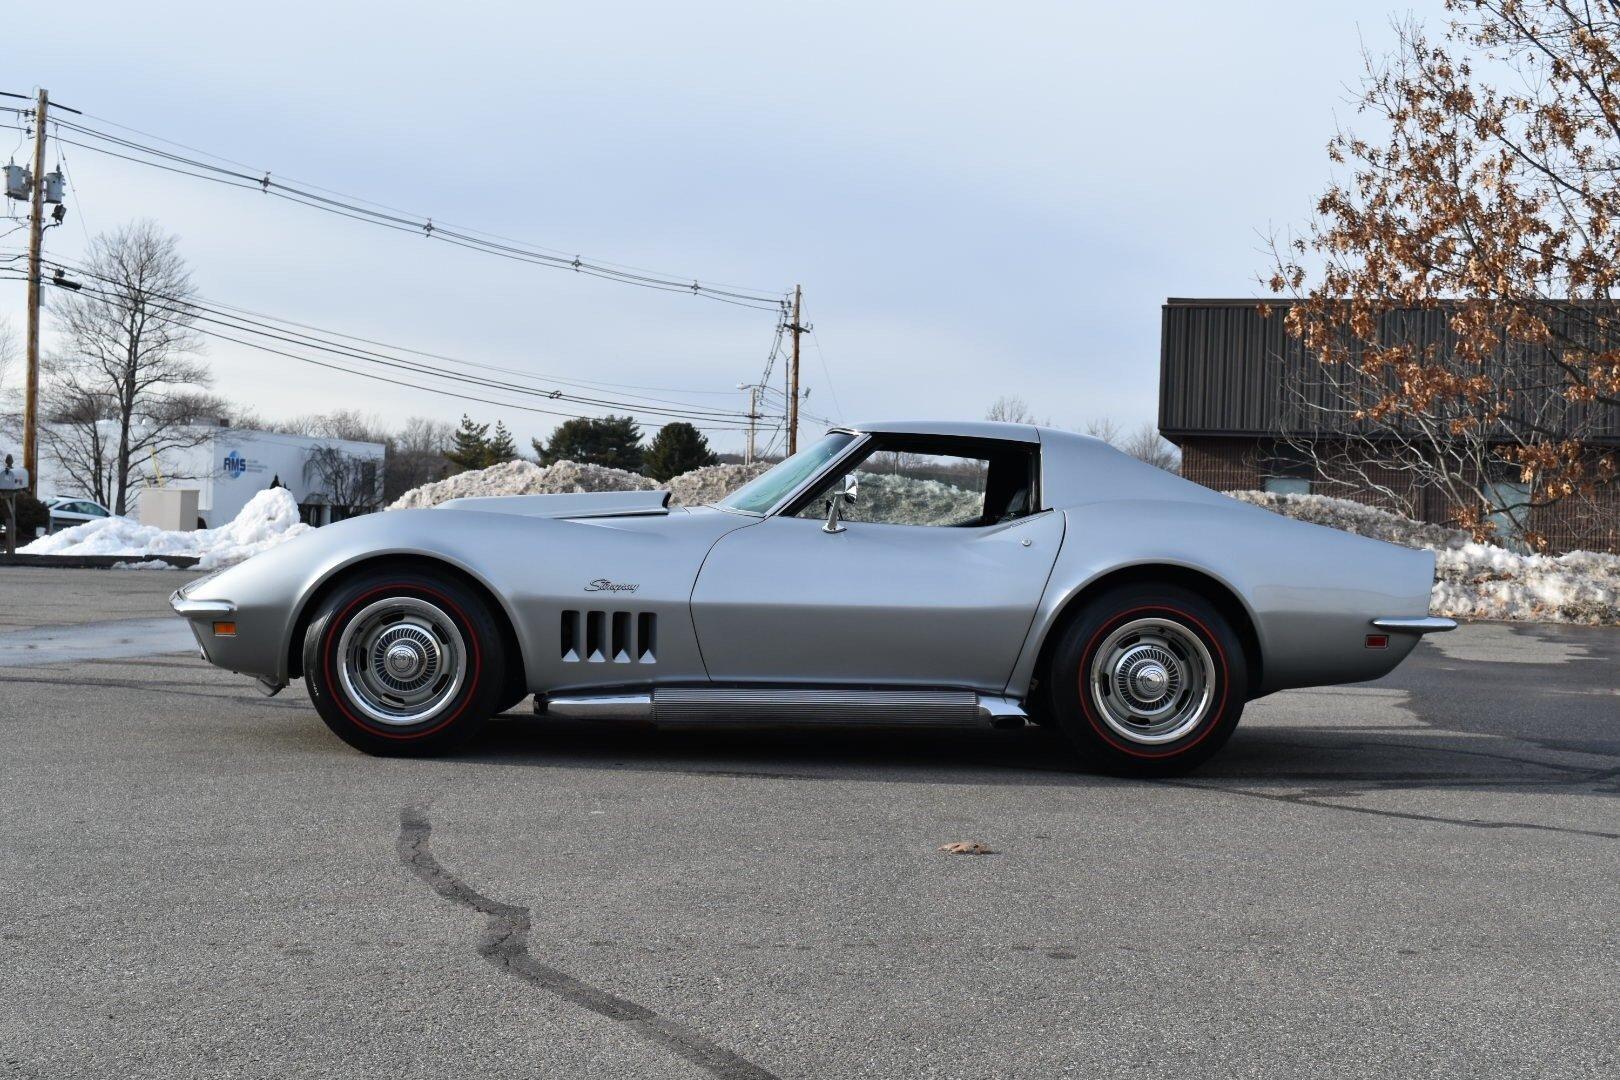 1969 chevrolet corvette l 88 gt motor cars rh gtmotorcarsllc com 84 Corvette 78 Corvette